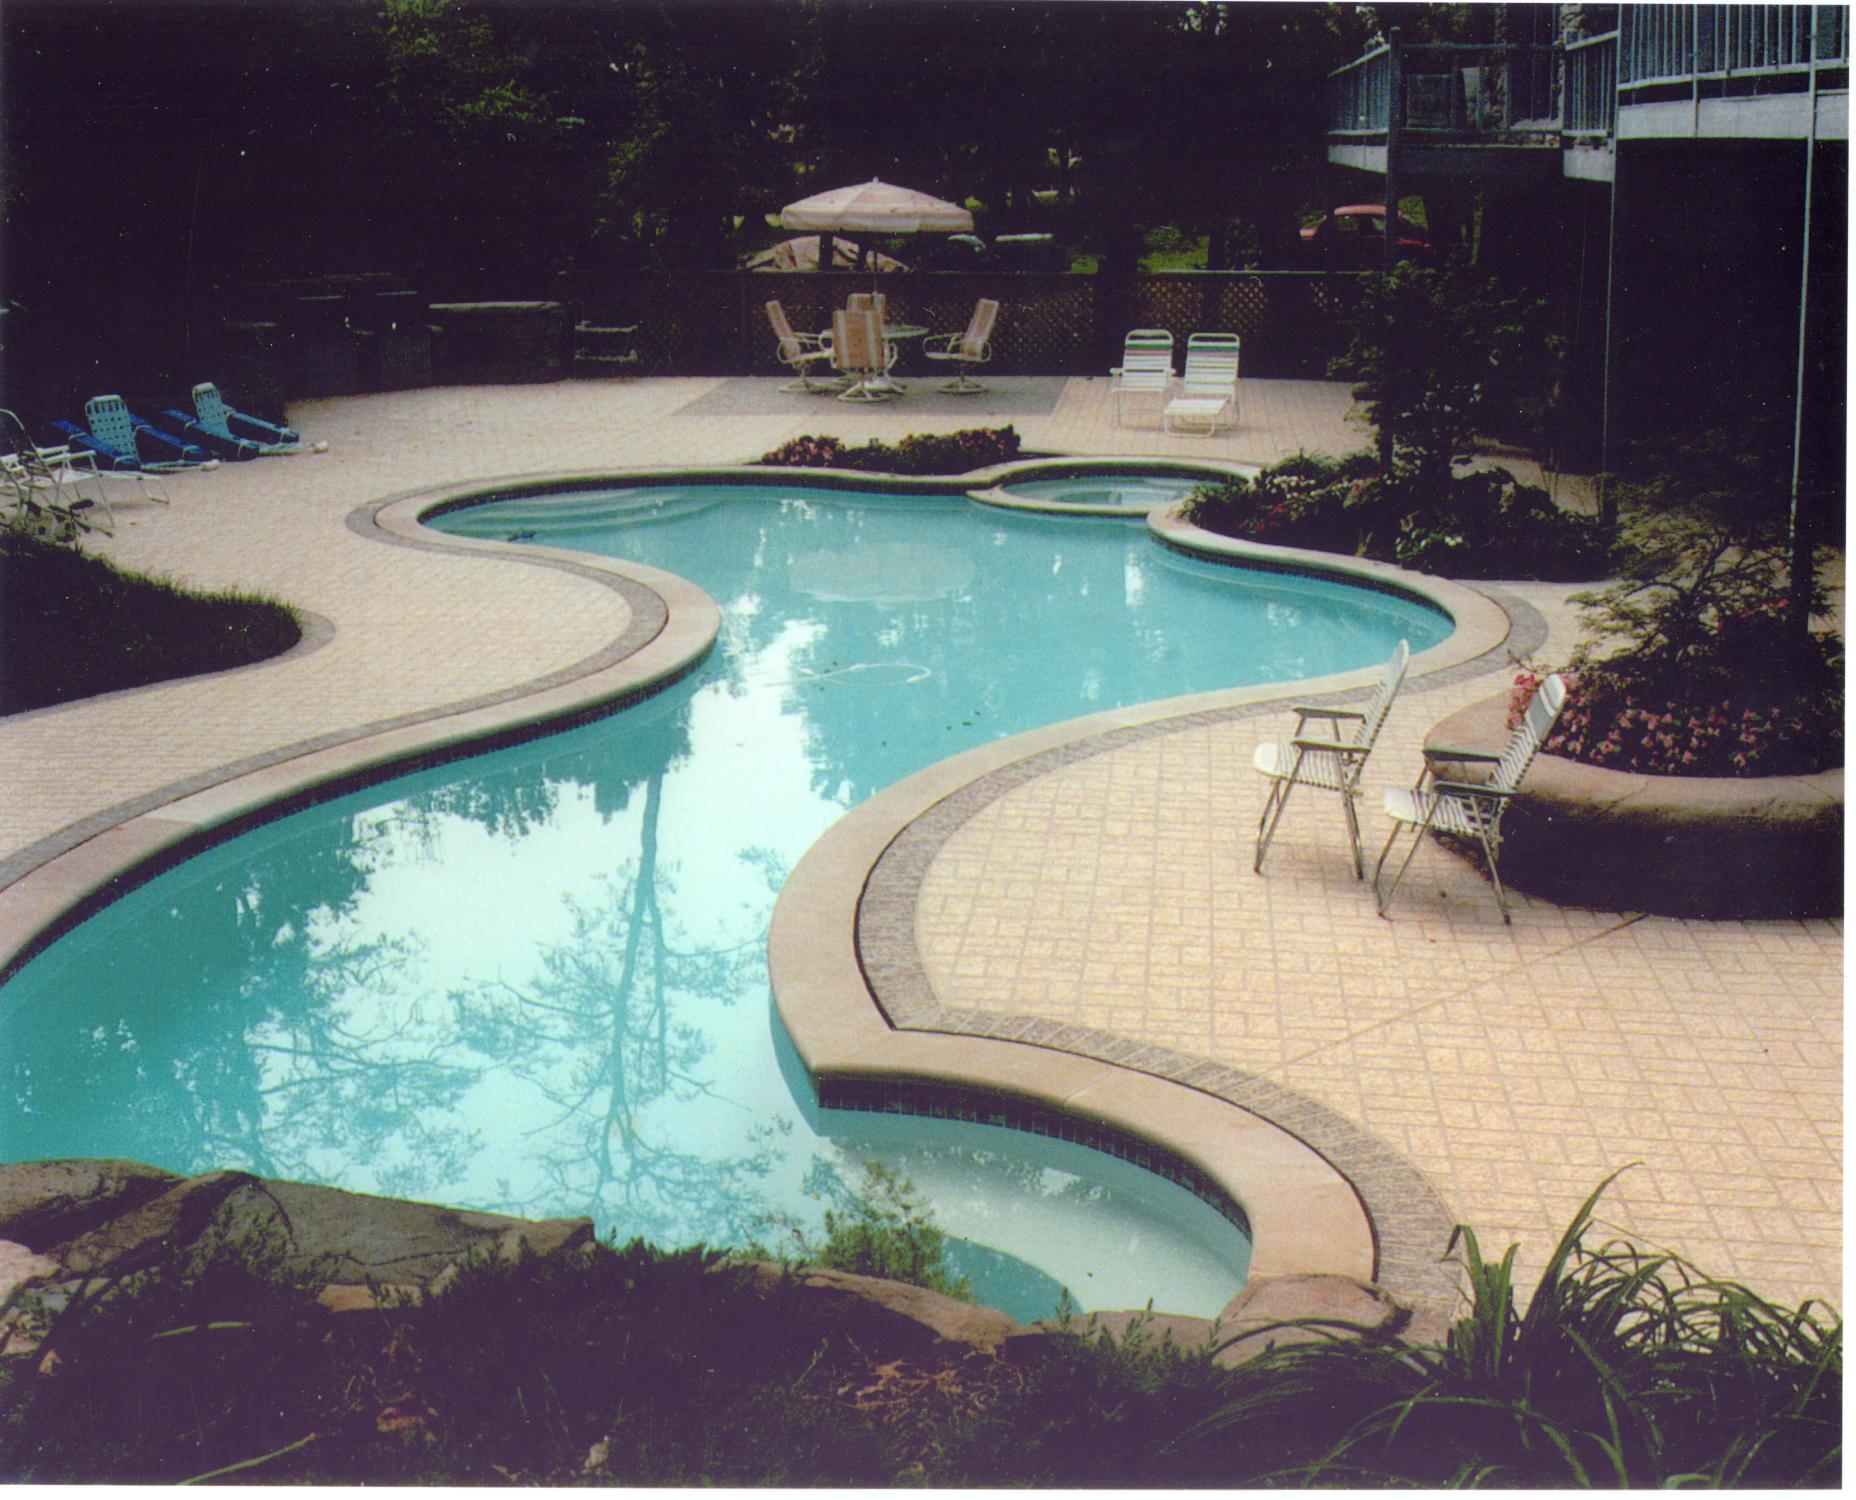 Pool Deck Resurfacing Experts In Conroe TX 281 407 0779